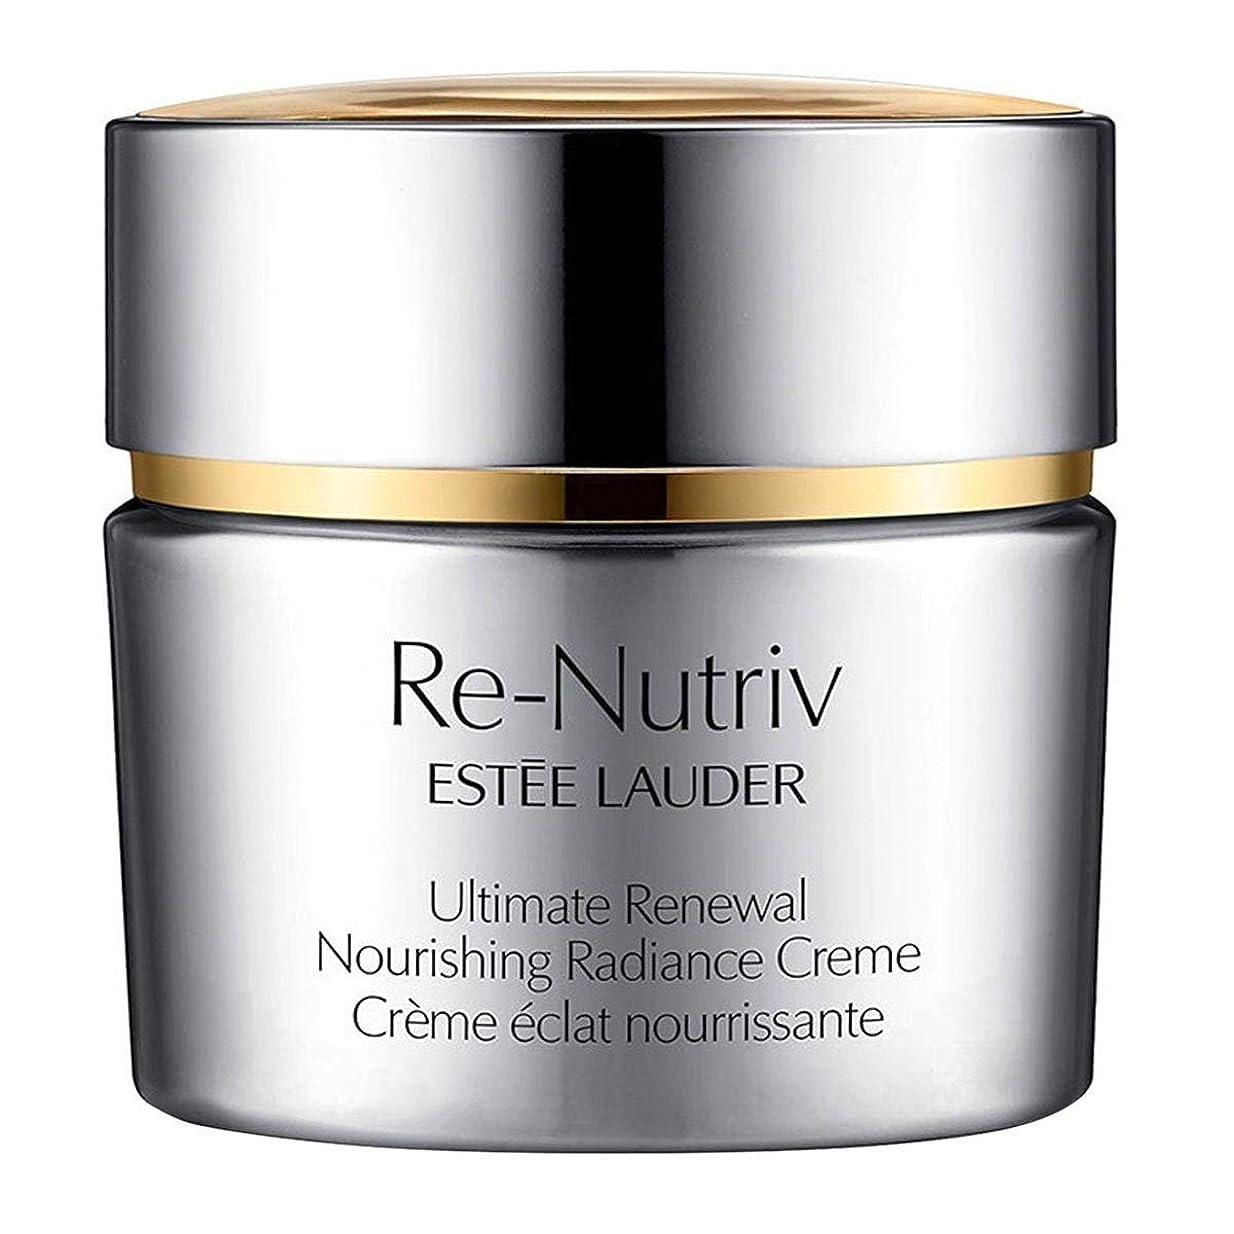 縮約穴グラスエスティローダー Re-Nutriv Ultimate Renewal Nourishing Radiance Creme 50ml/1.7oz並行輸入品